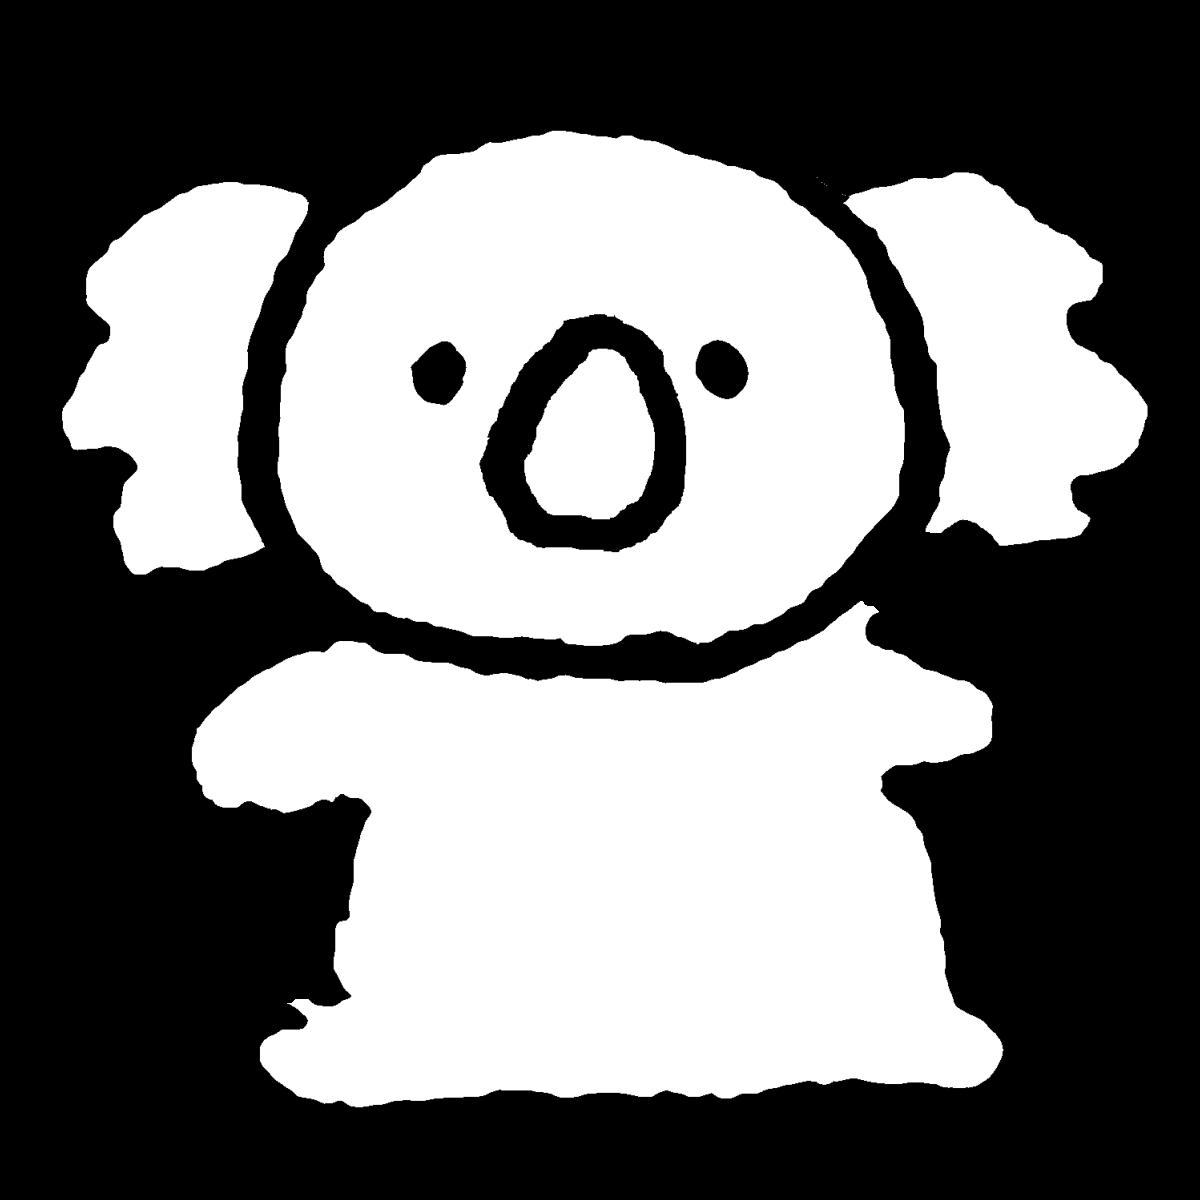 コアラ(2種)のイラスト / Koala Illustration